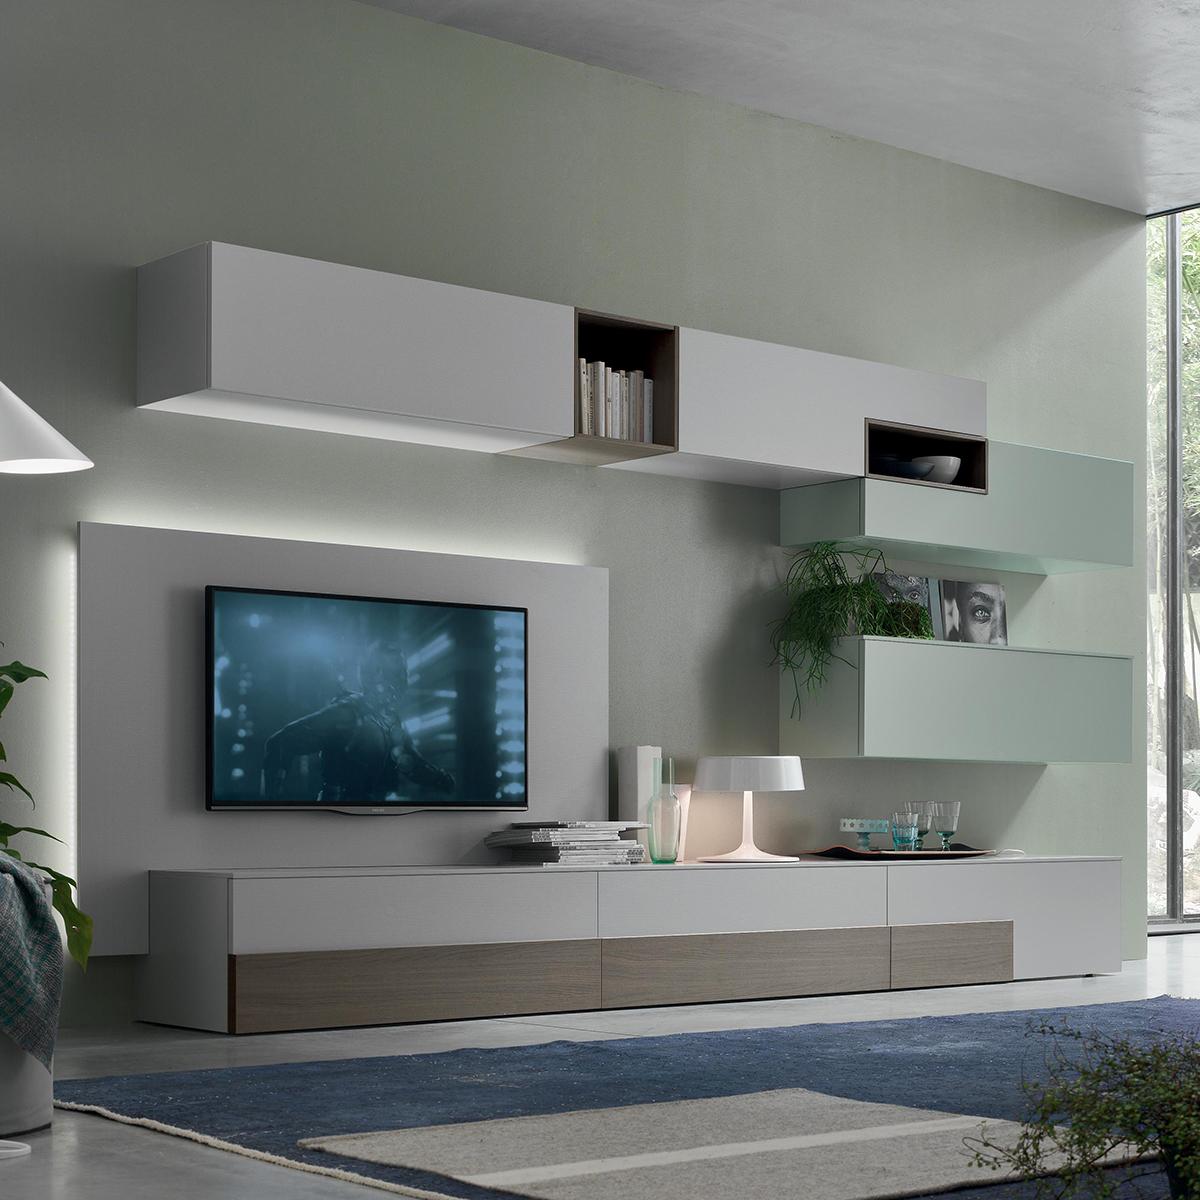 Seta sa1556 mobile soggiorno moderno componibile l 352 2 - Mobile soggiorno moderno ...